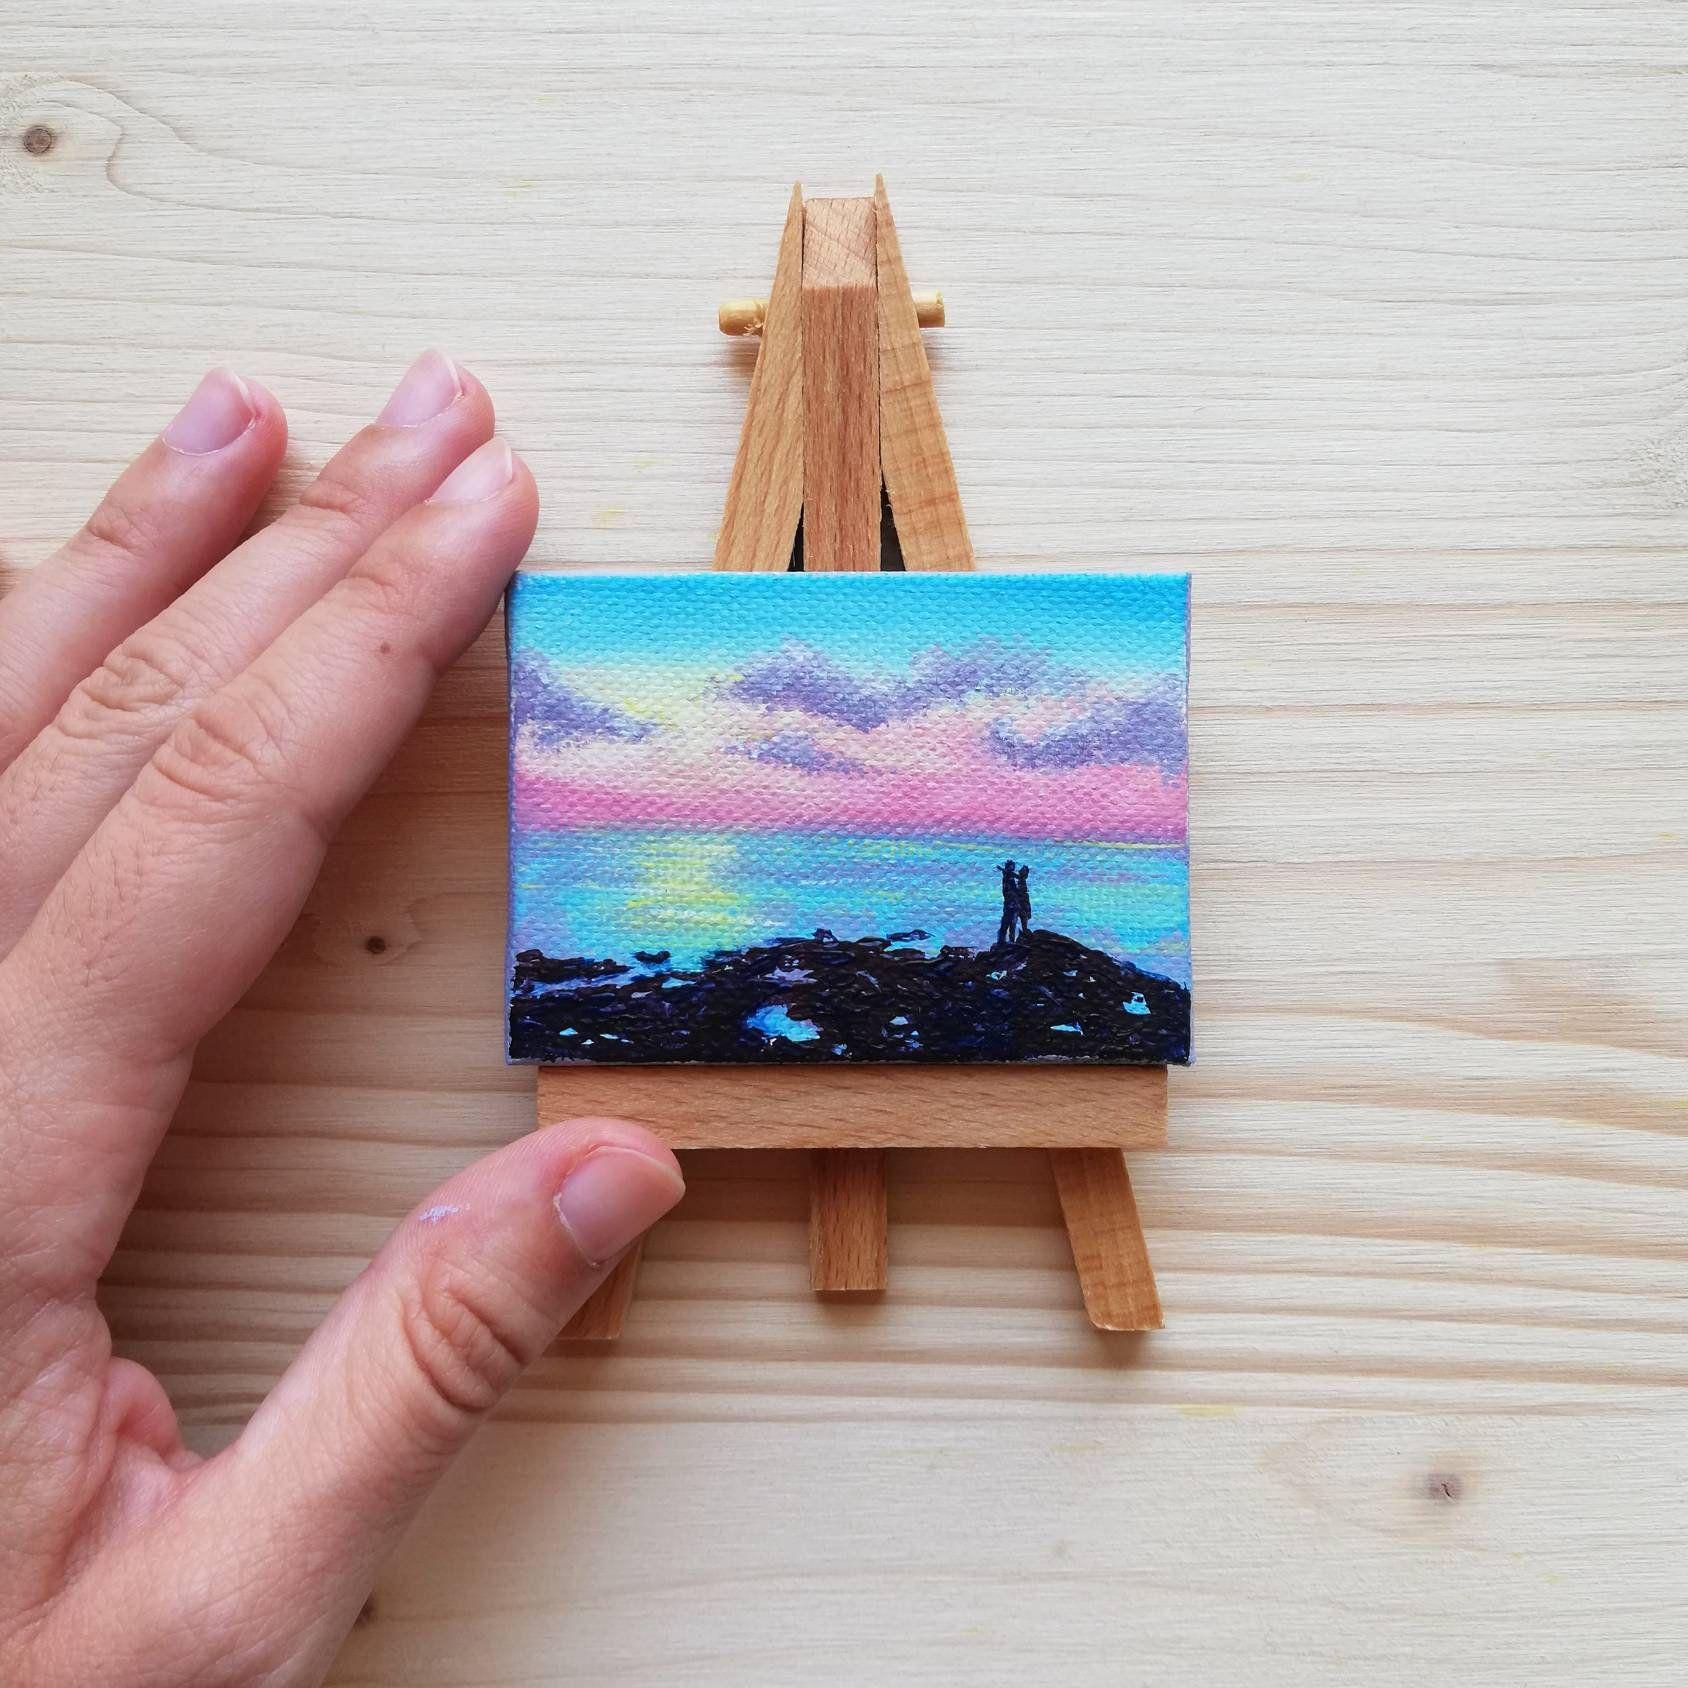 Segnaposto Matrimonio Quadri.Rainbow Sunset At The Sea Painted On Mini Canvas Wedding